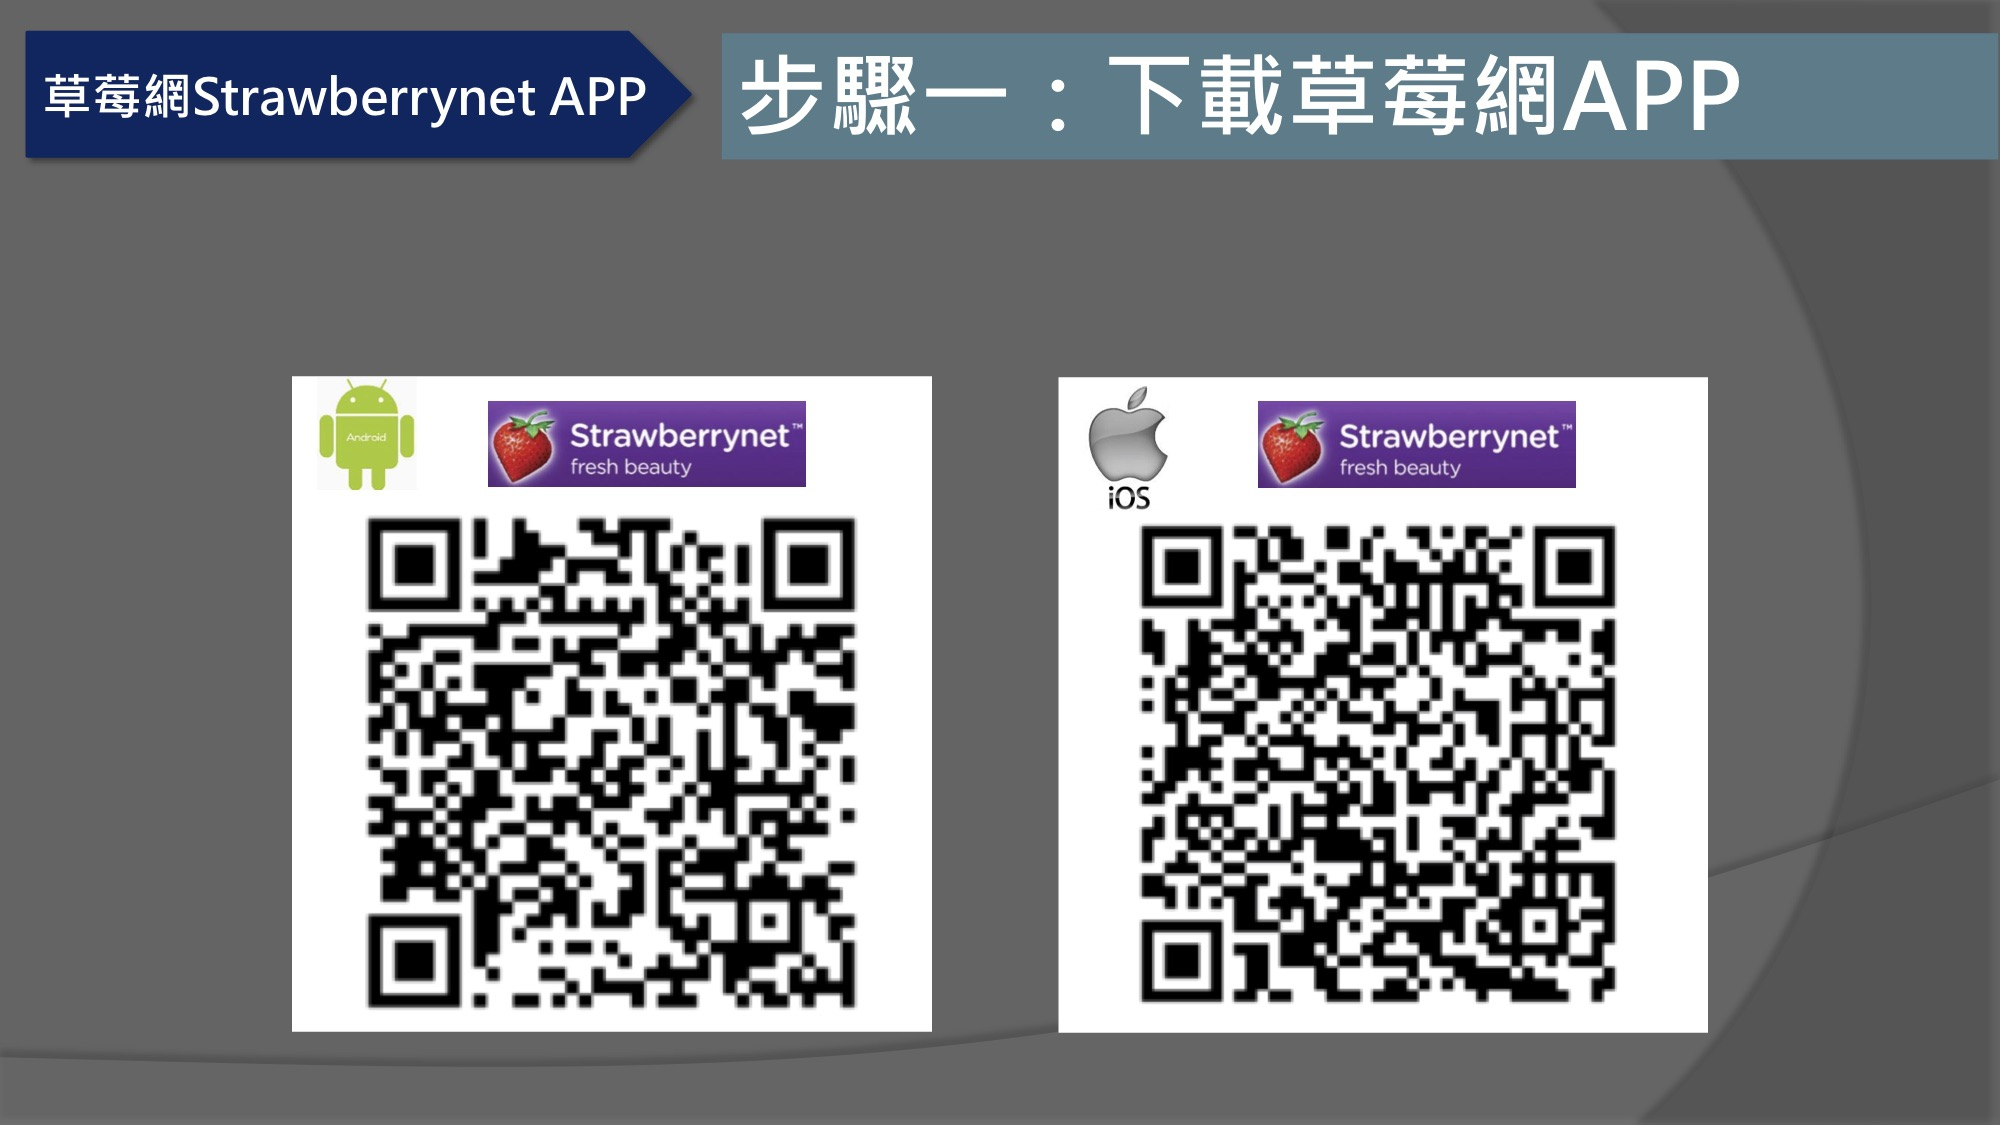 草莓網台灣美妝strawberrynet 註冊流程教學開箱及購物賺分潤操作-草莓網APP QR.jpg